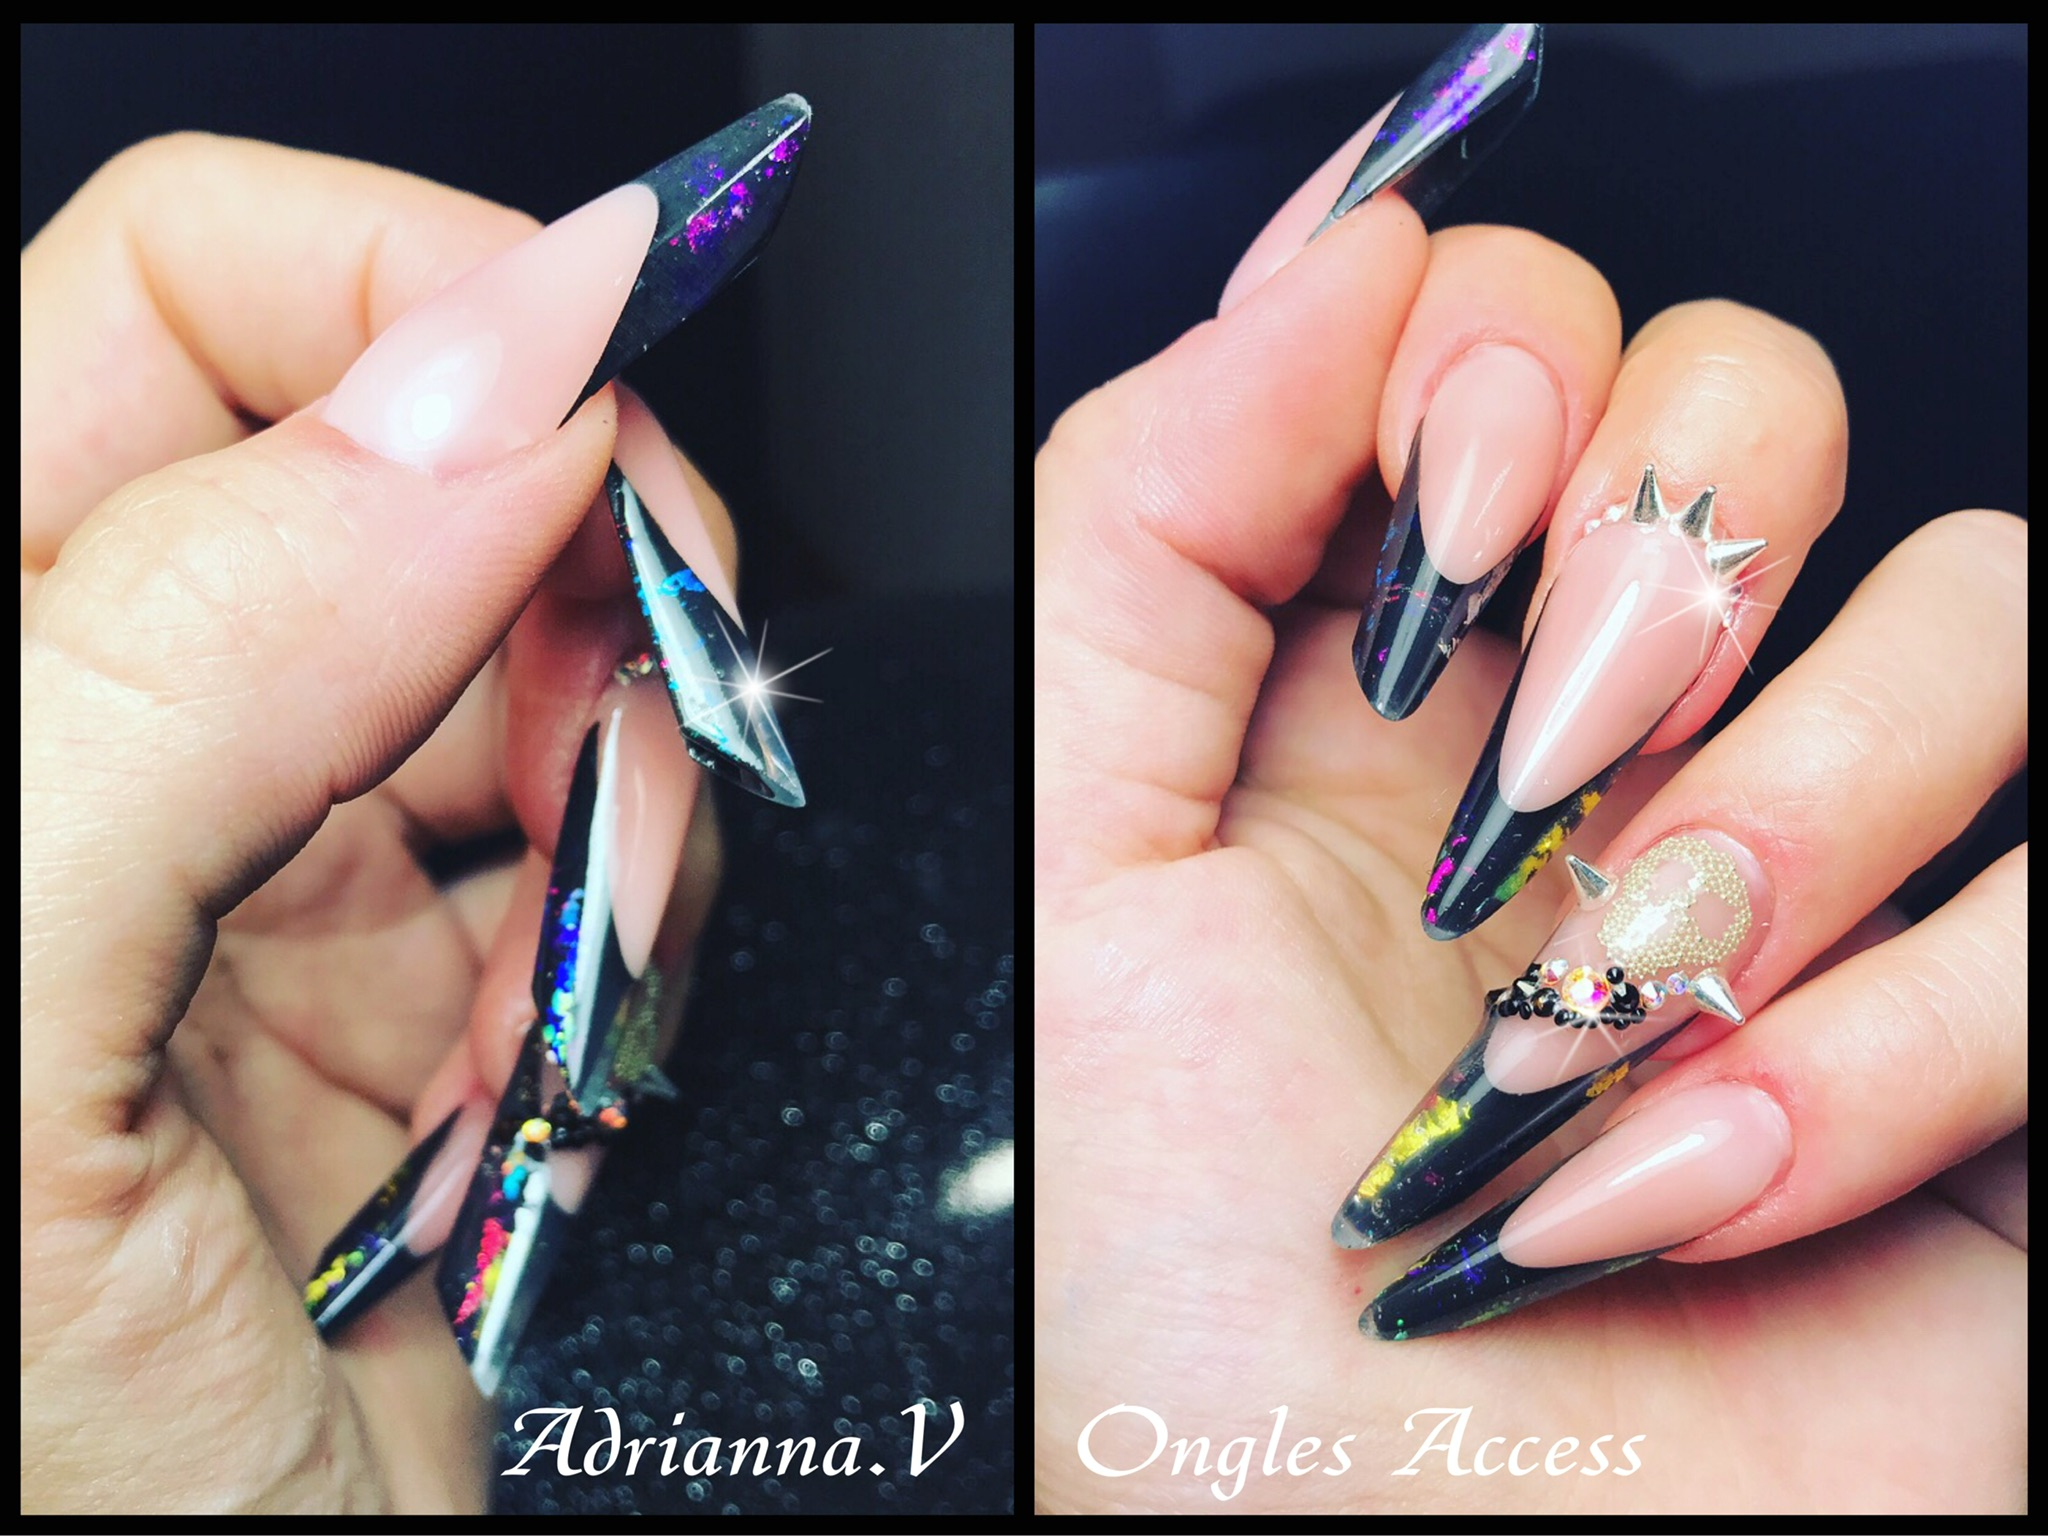 Adrianna.v nail artist